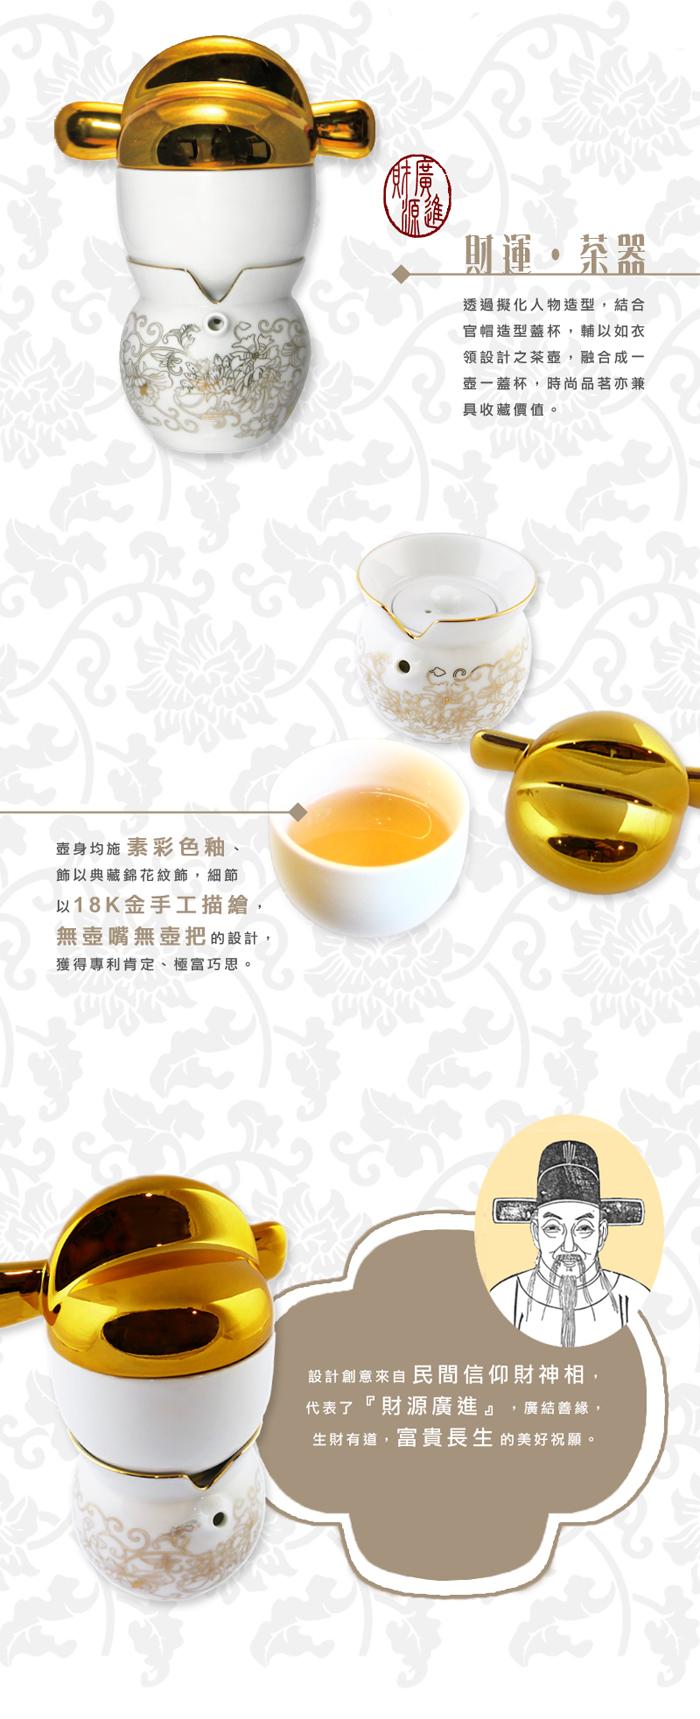 TALES 神話言│百官禮冠茶器(2件式)-財運